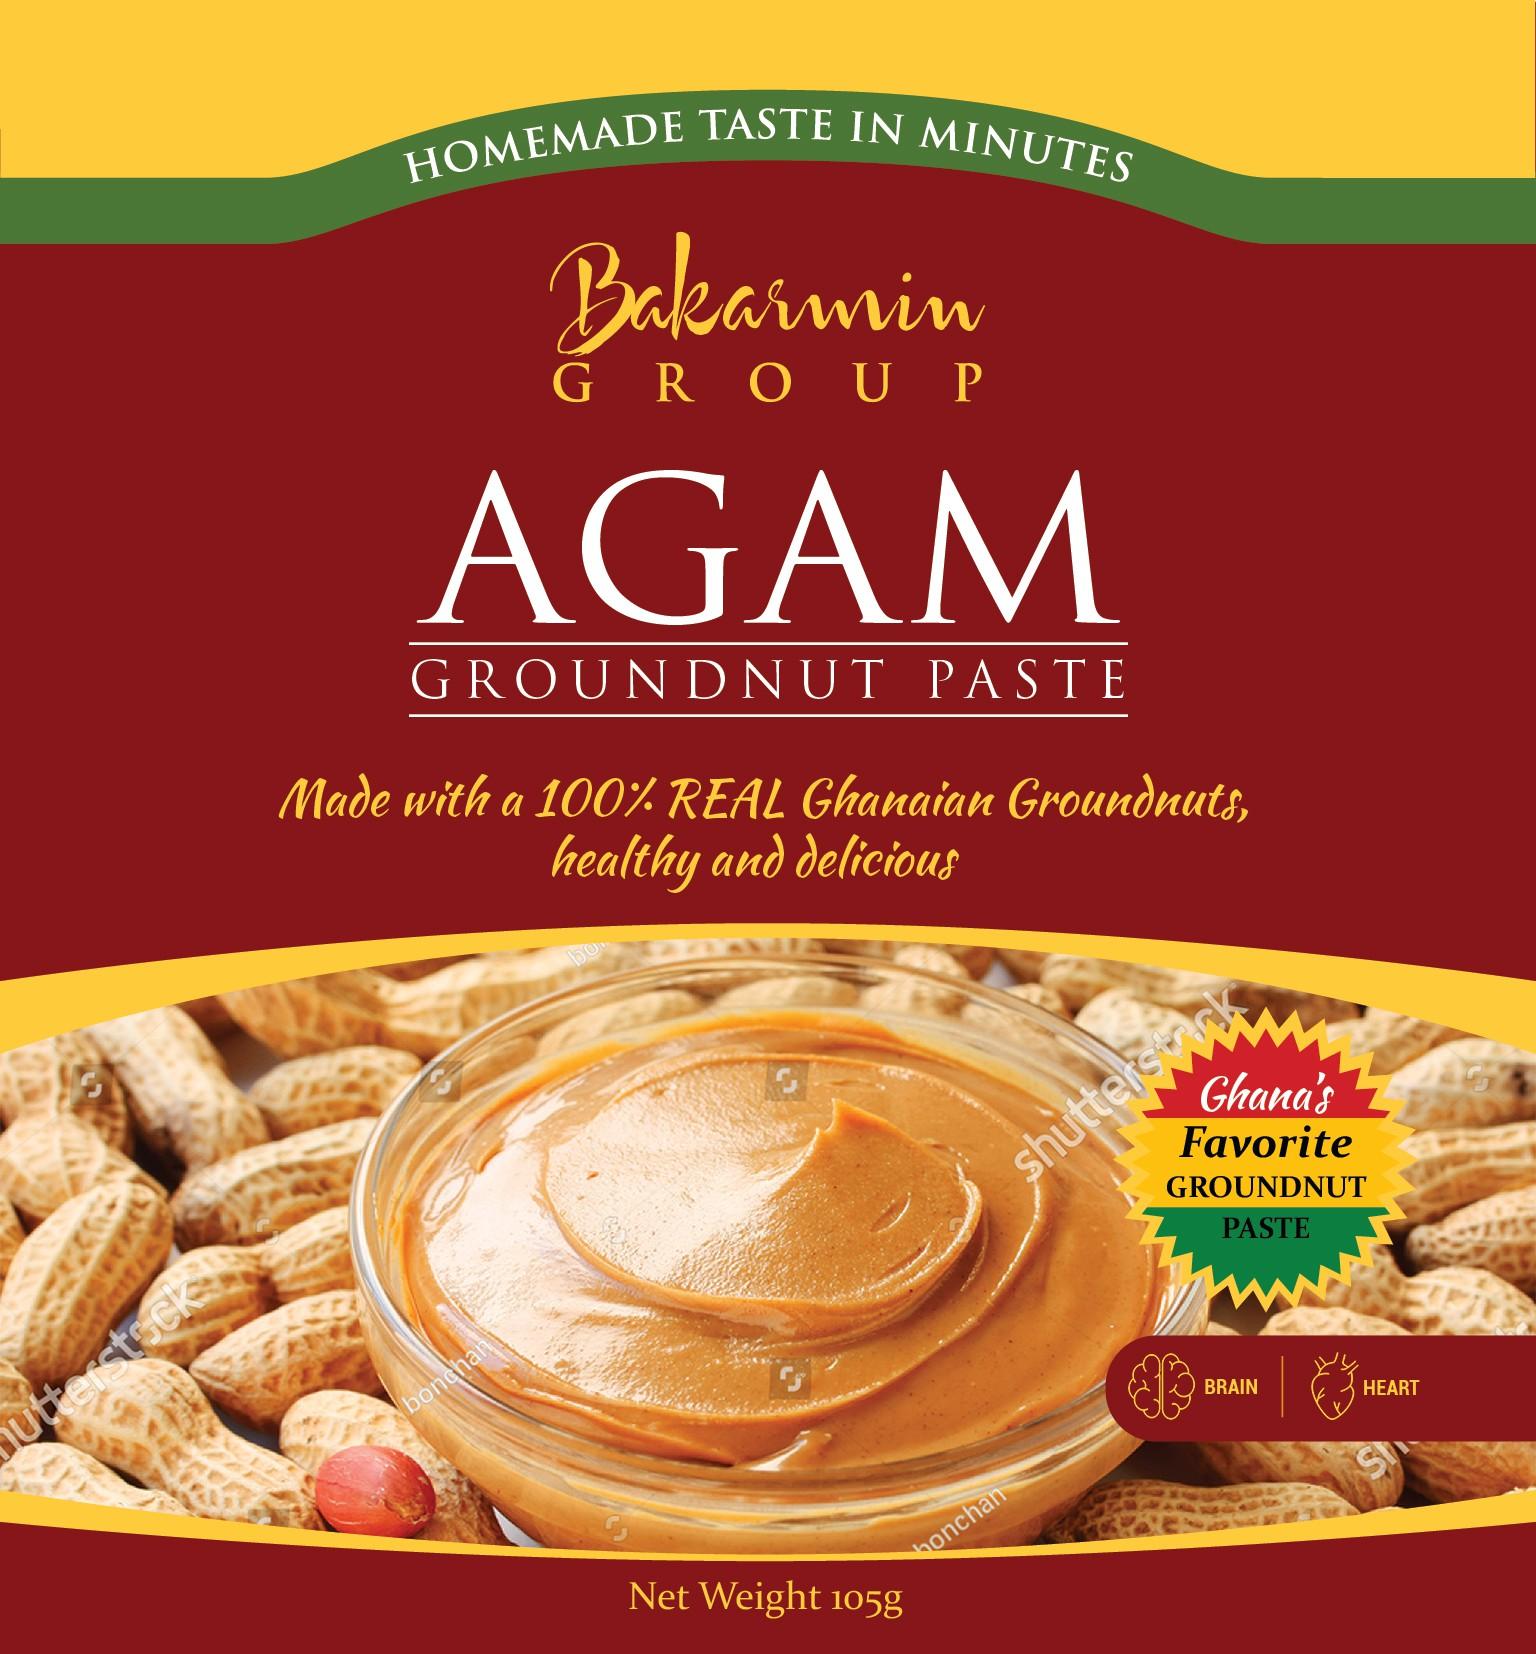 Packaging for groundnut paste sachet